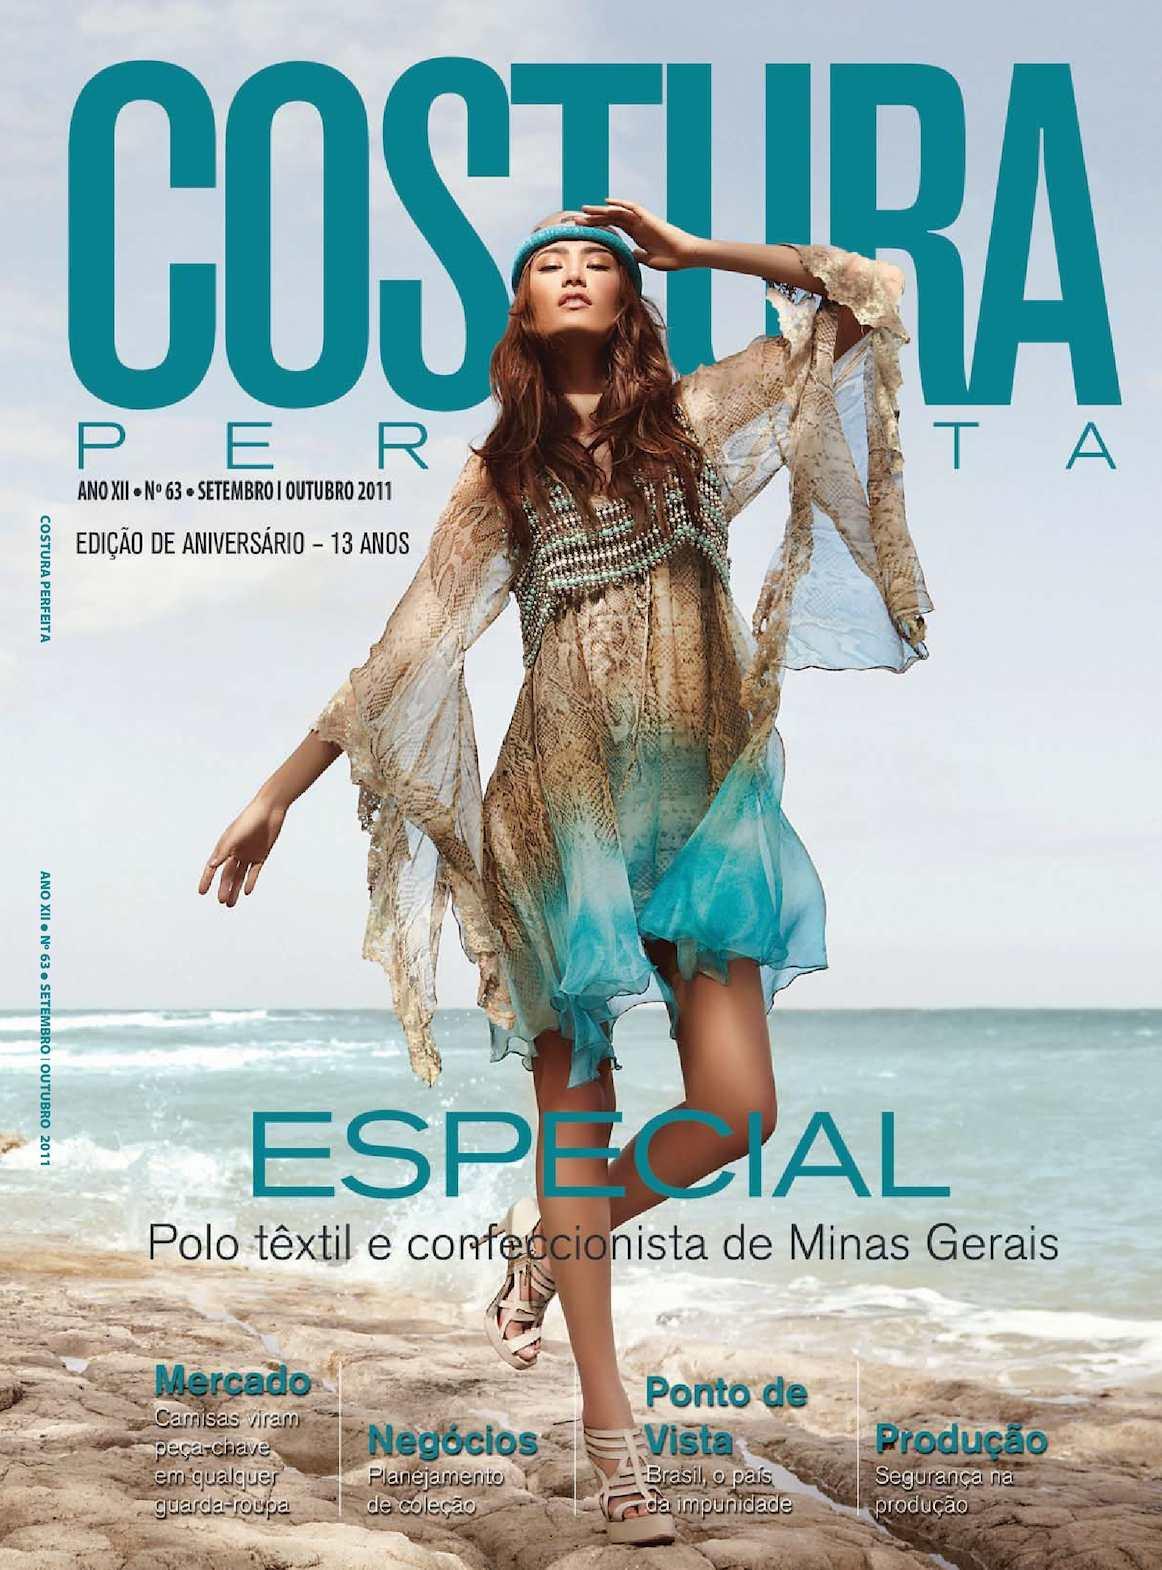 6bbdfde0f Calaméo - Revista Costura Perfeita Edição Ano XII - N63 - Setembro-Outubro  2011